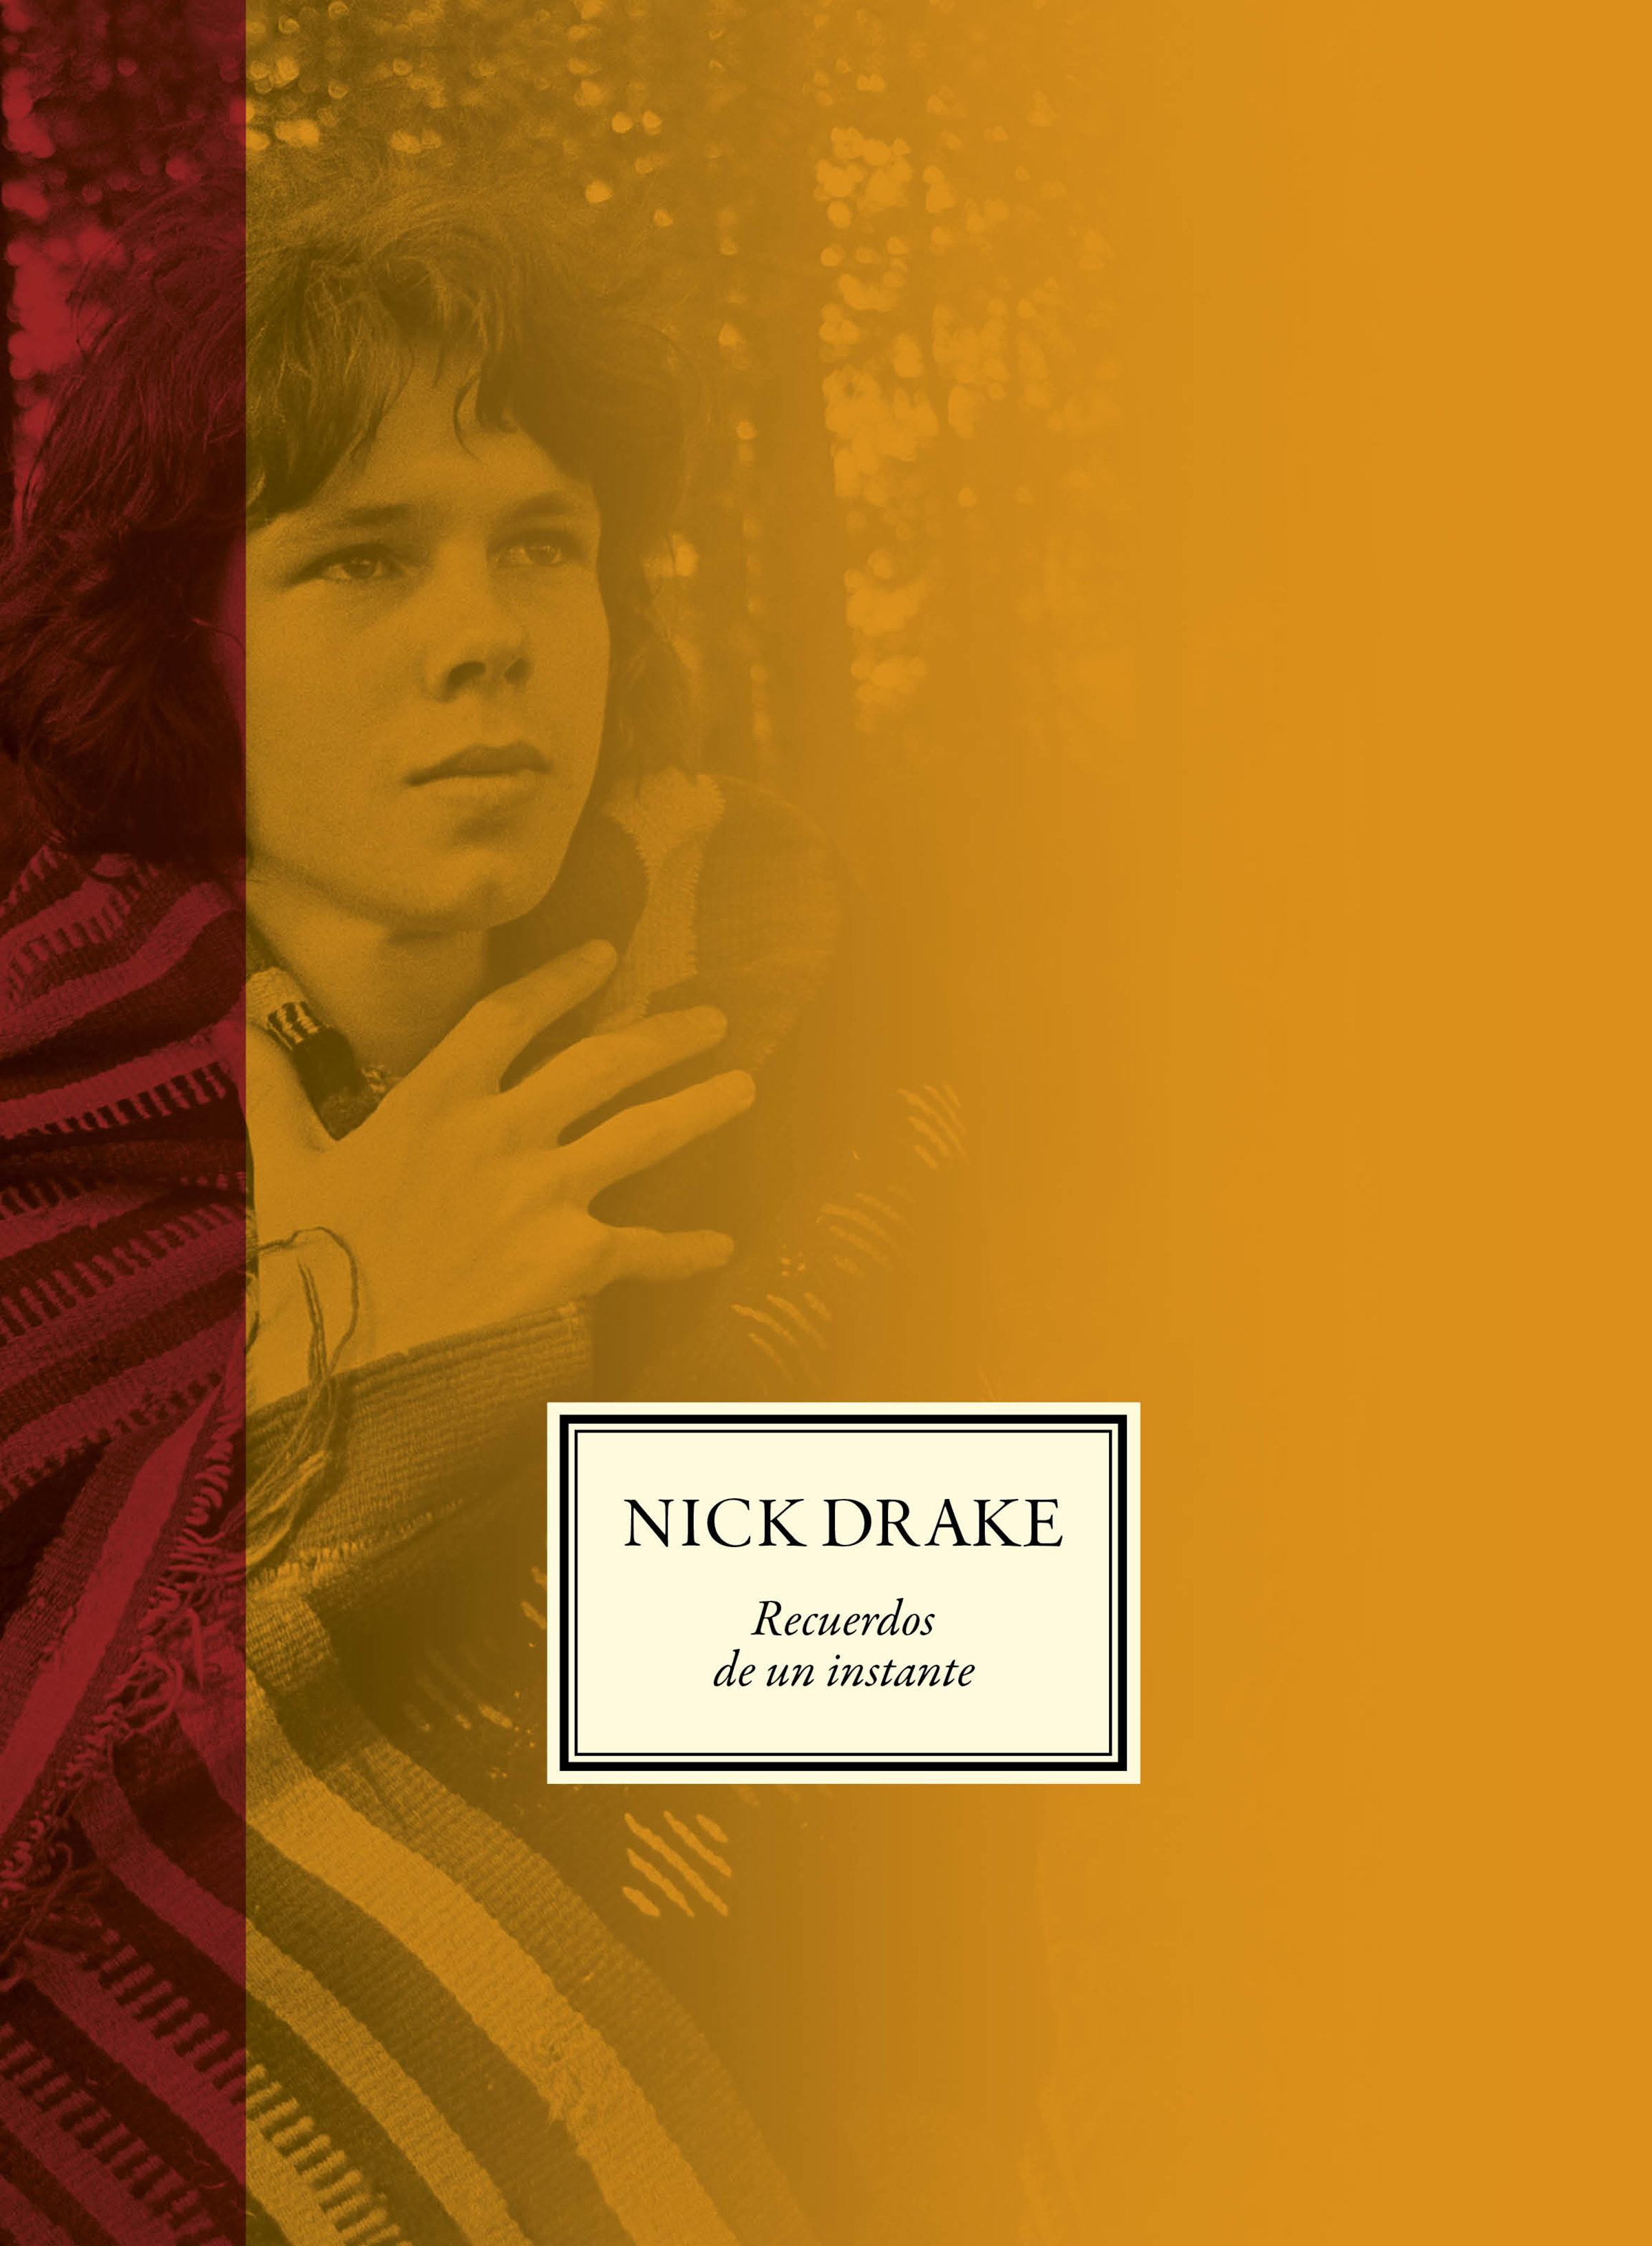 NICK DRAKE. RECUERDOS DE UN INSTANTE